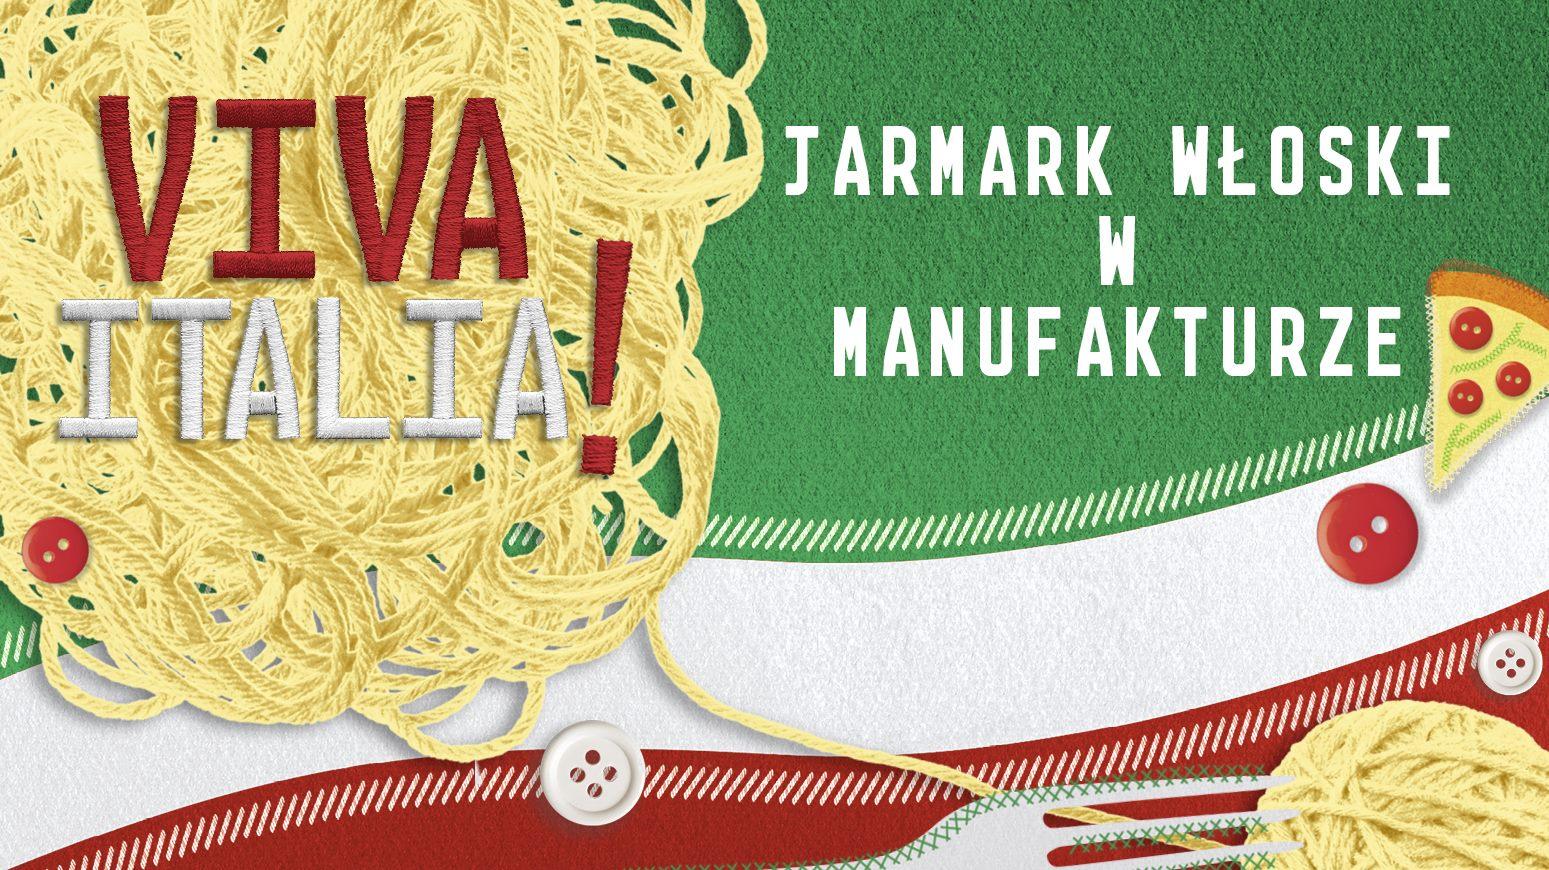 Jarmark włoski